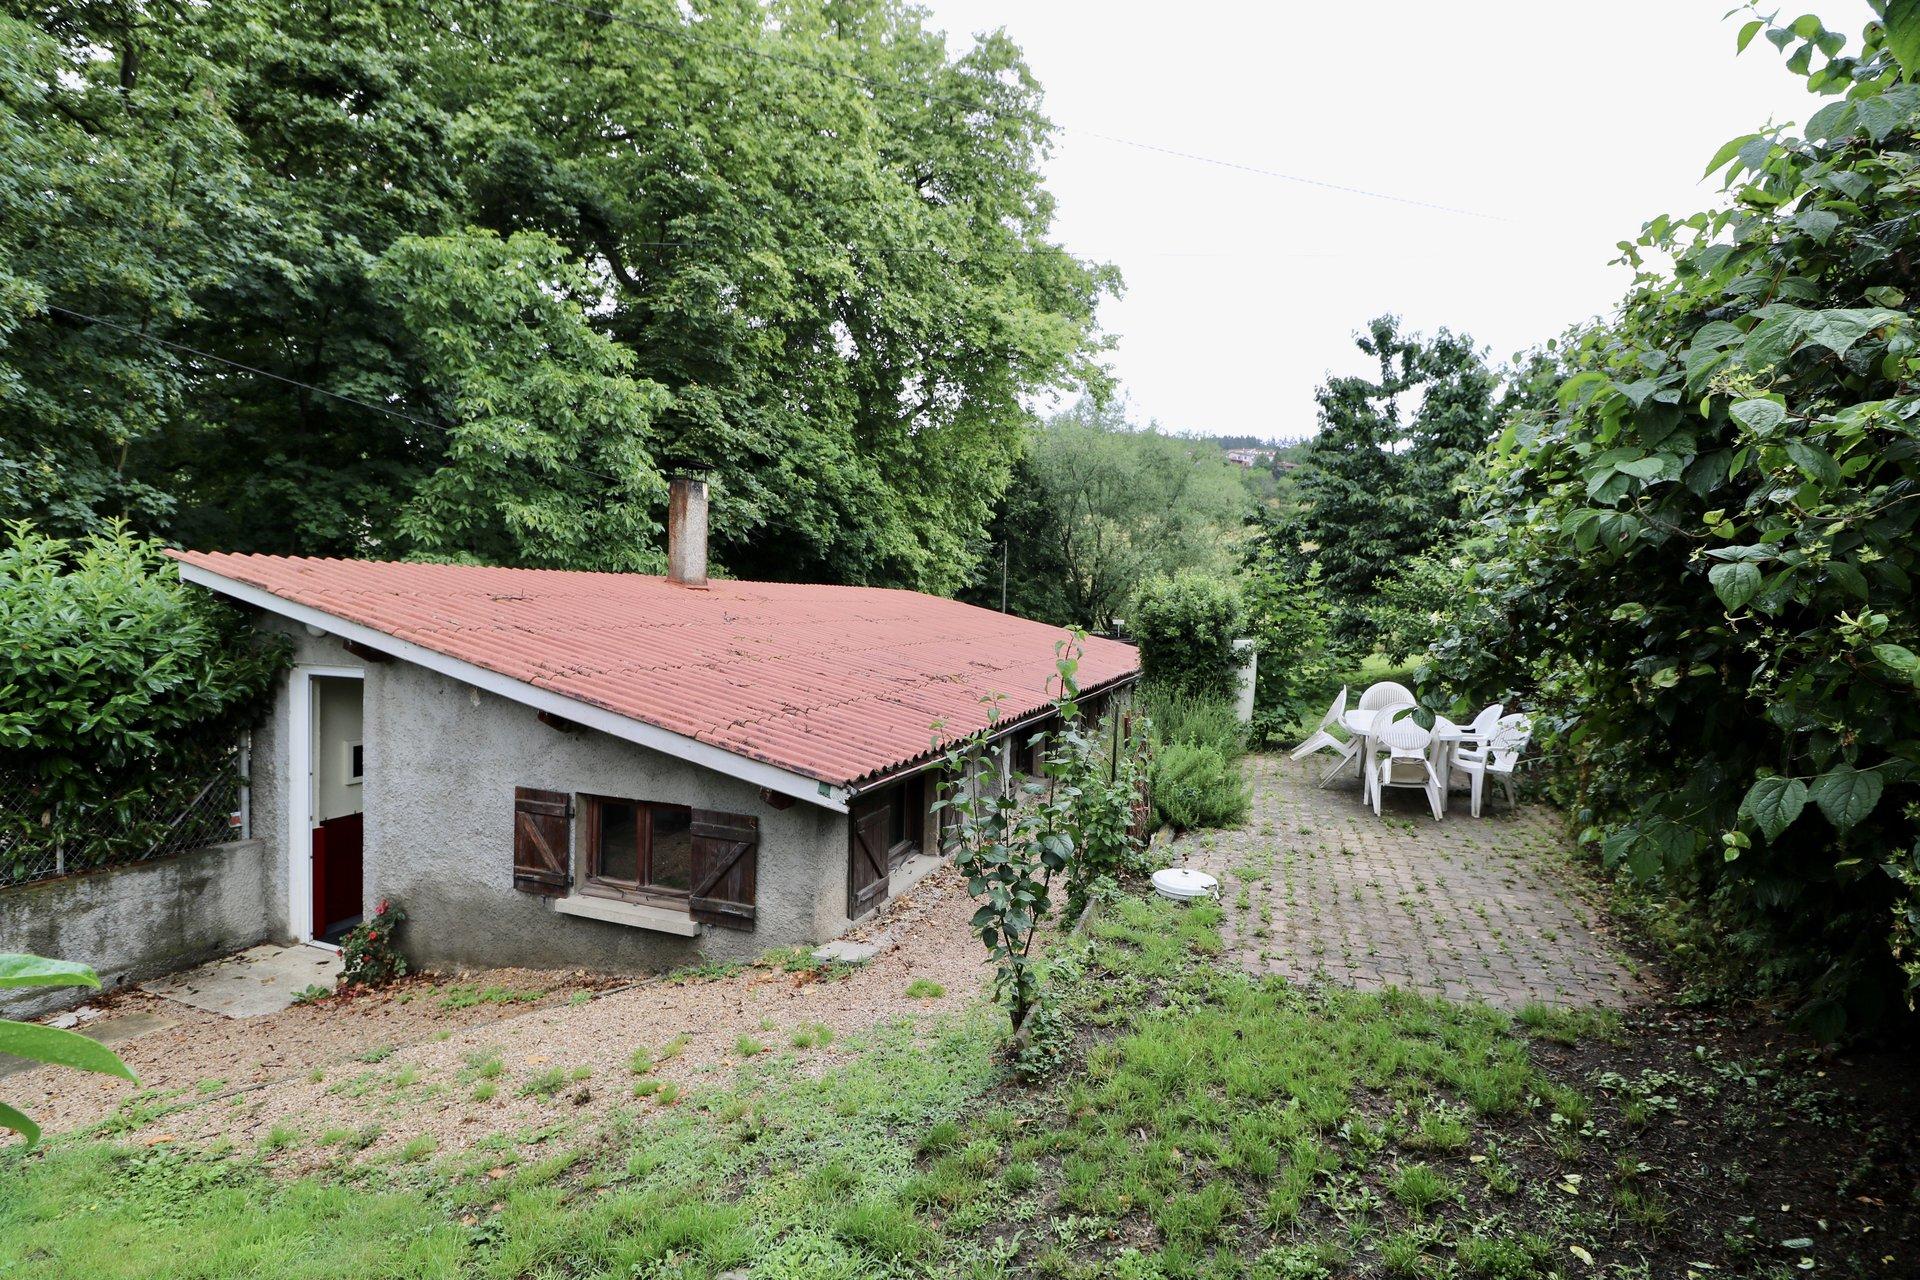 Maison de campagne sur 459 m2 de terrain